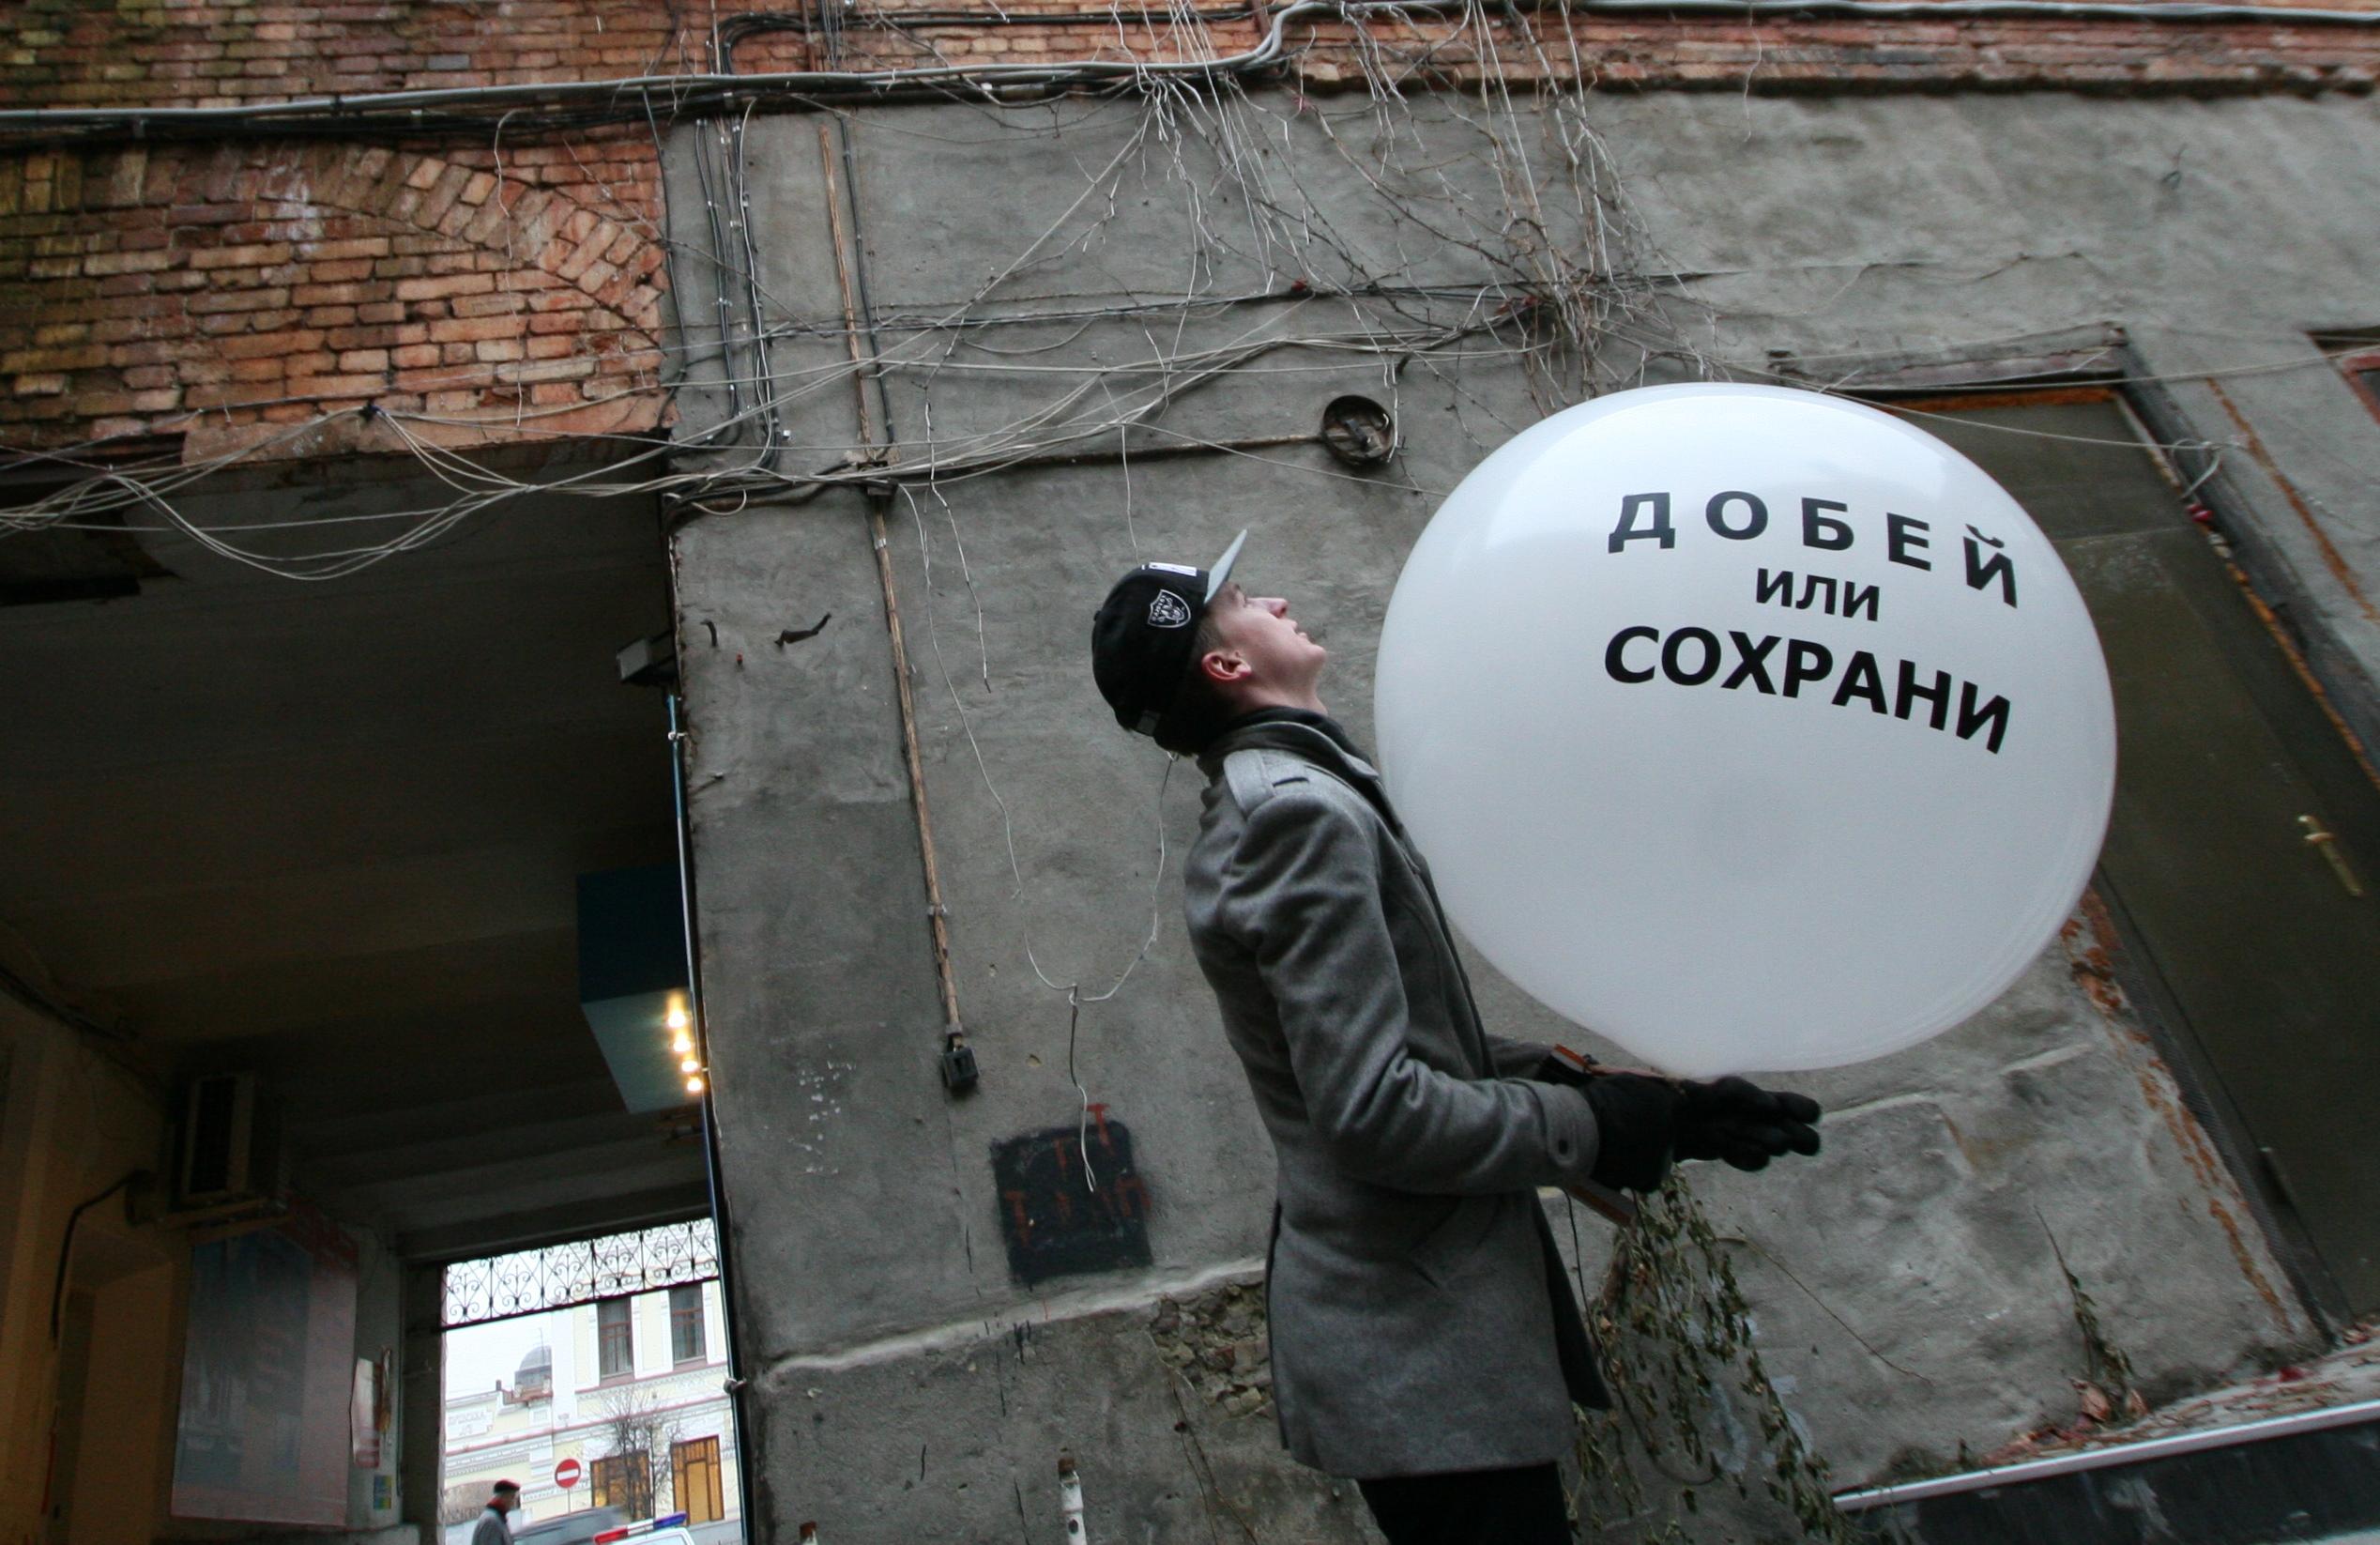 Добей или сохрани! Спасем умирающие здания Екатеринбурга